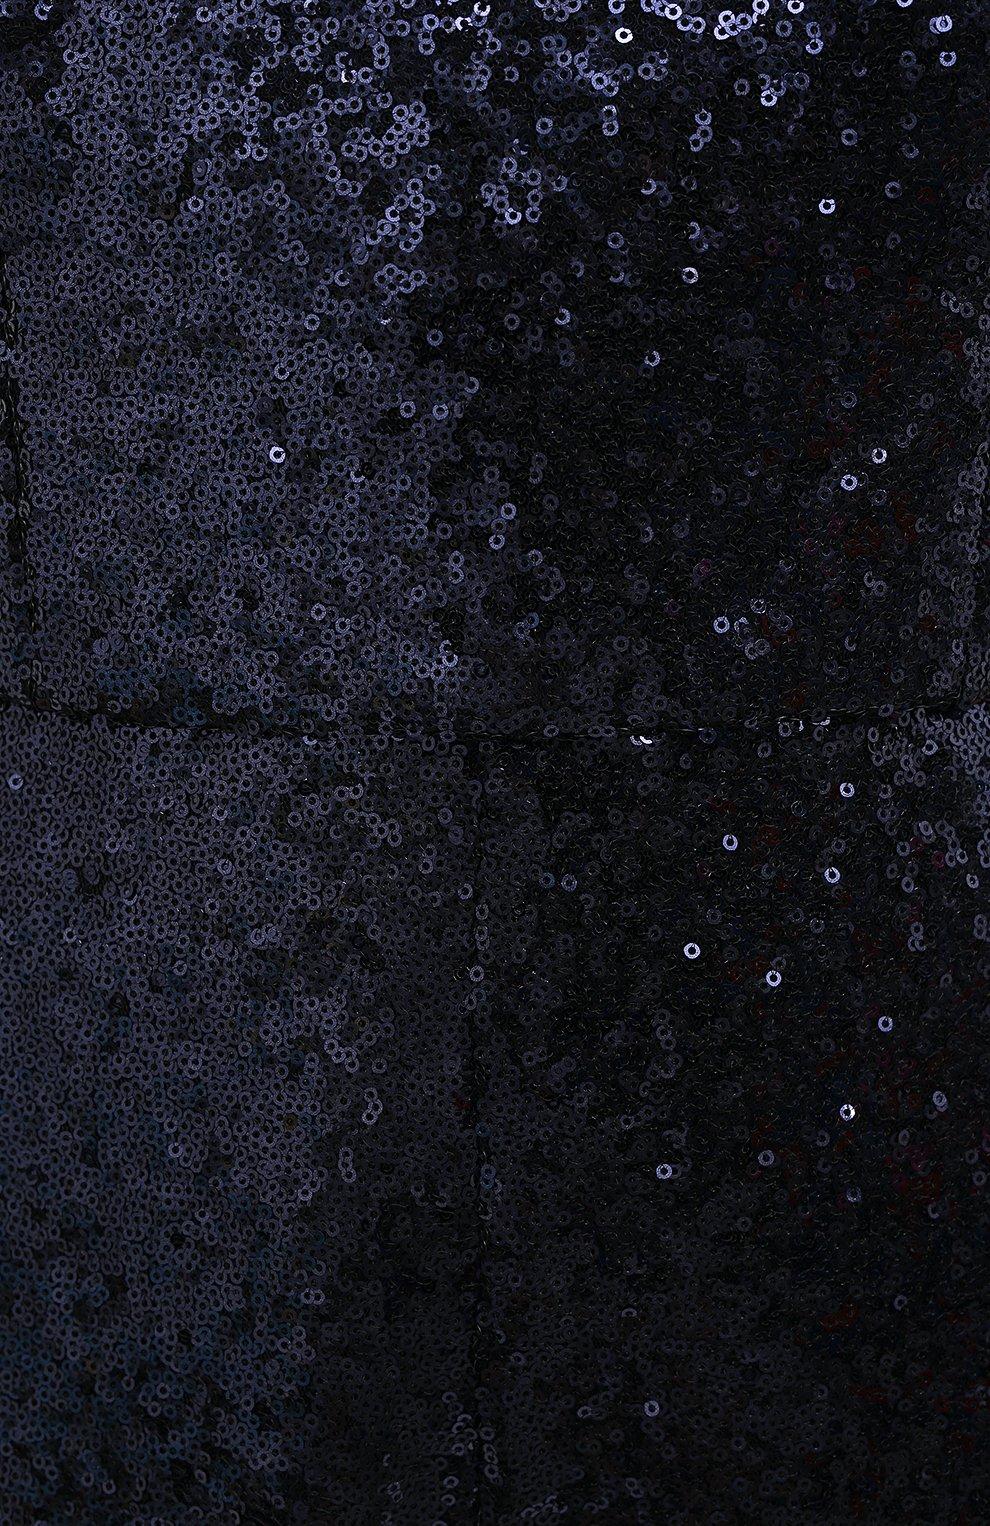 Женский комбинезон с пайетками SALONI синего цвета, арт. 7017-04 | Фото 5 (Случай: Вечерний; Длина (брюки, джинсы): Стандартные; Материал внешний: Синтетический материал; Материал подклада: Синтетический материал; Стили: Романтичный; Женское Кросс-КТ: Комбинезон-одежда)